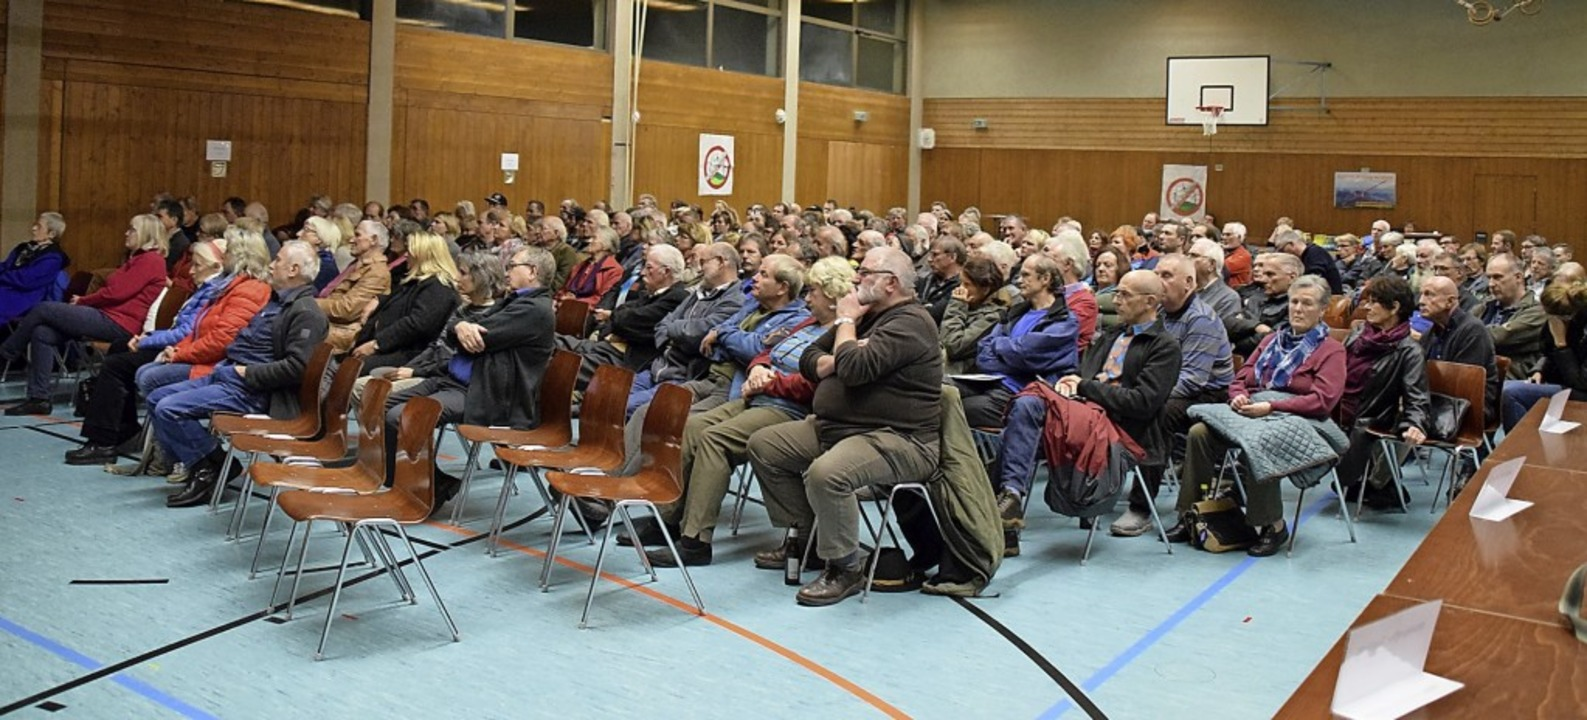 Sehr gut gefüllt mit etwa 300 Zuhörern...nfoveranstaltung der Windkraftgegner.   | Foto: Stefan Ammann